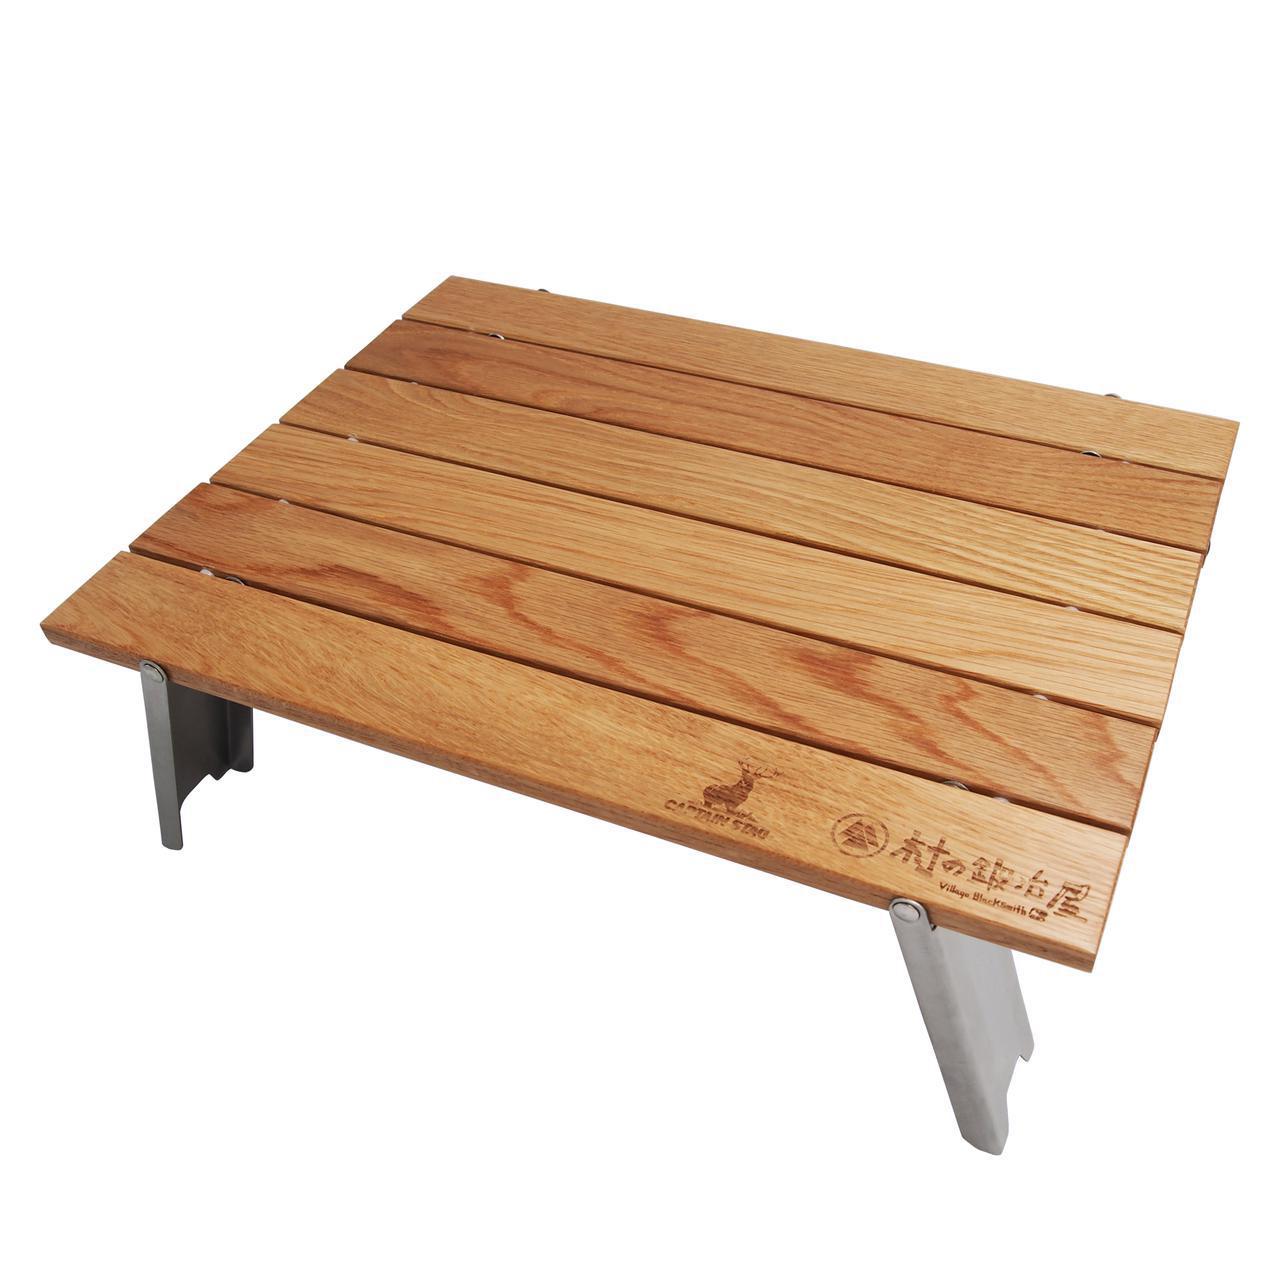 画像: 【CAPTAIN STAG × 村の鍛冶屋】ライバルの共演!オリジナル木製ロールテーブルを9/17より限定500台発売 - ハピキャン|キャンプ・アウトドア情報メディア